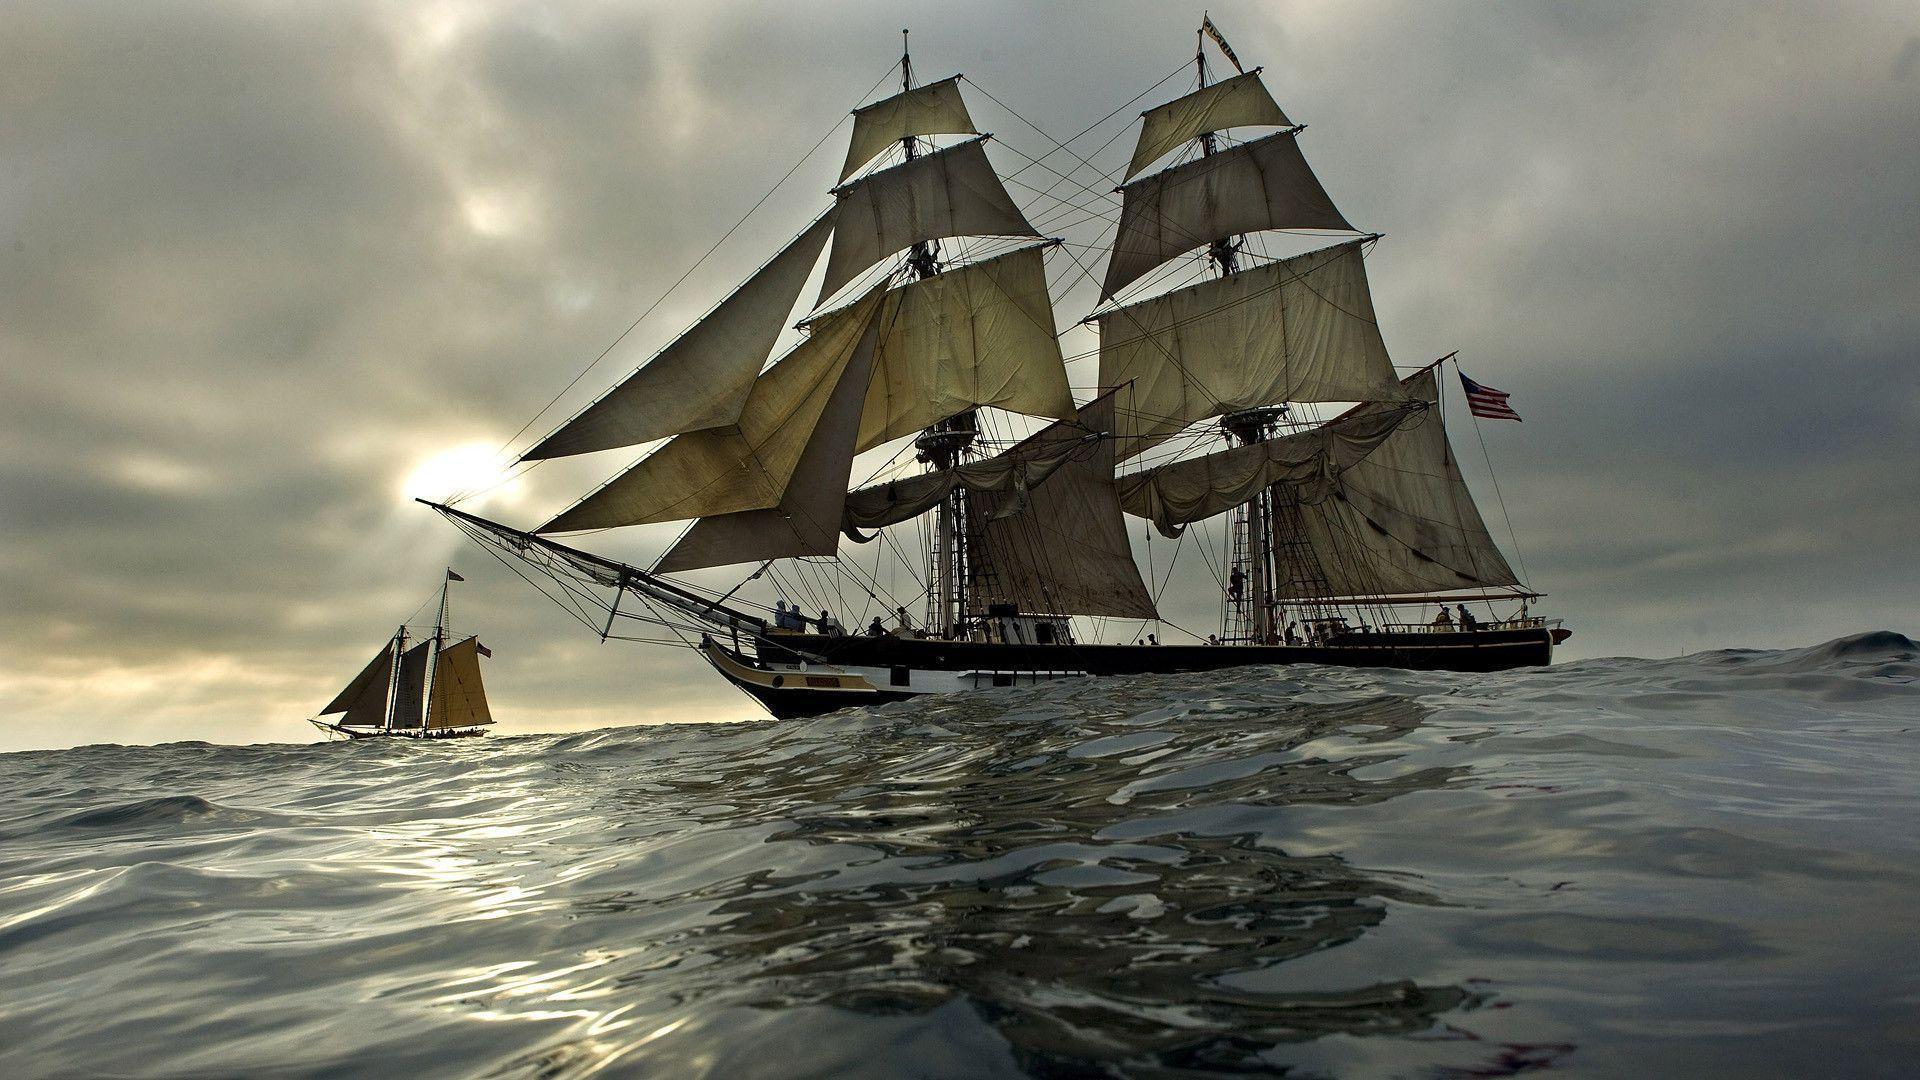 Pirate Schooner Wallpaper